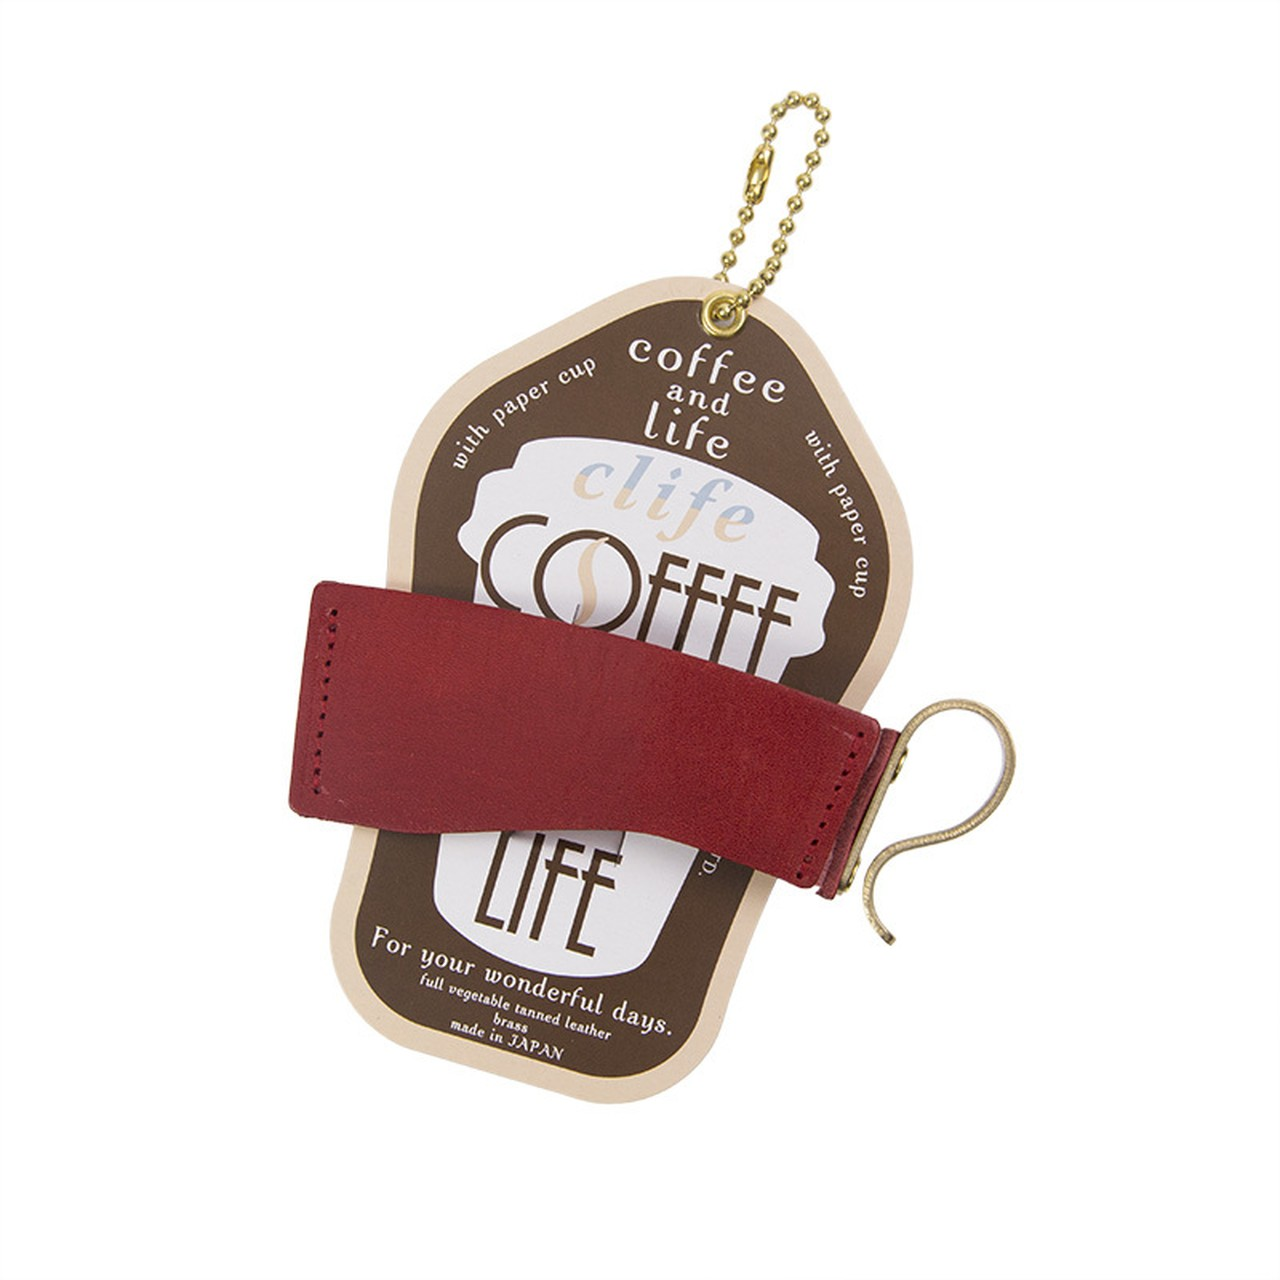 カップホルダー -Clife coffee and life RED-